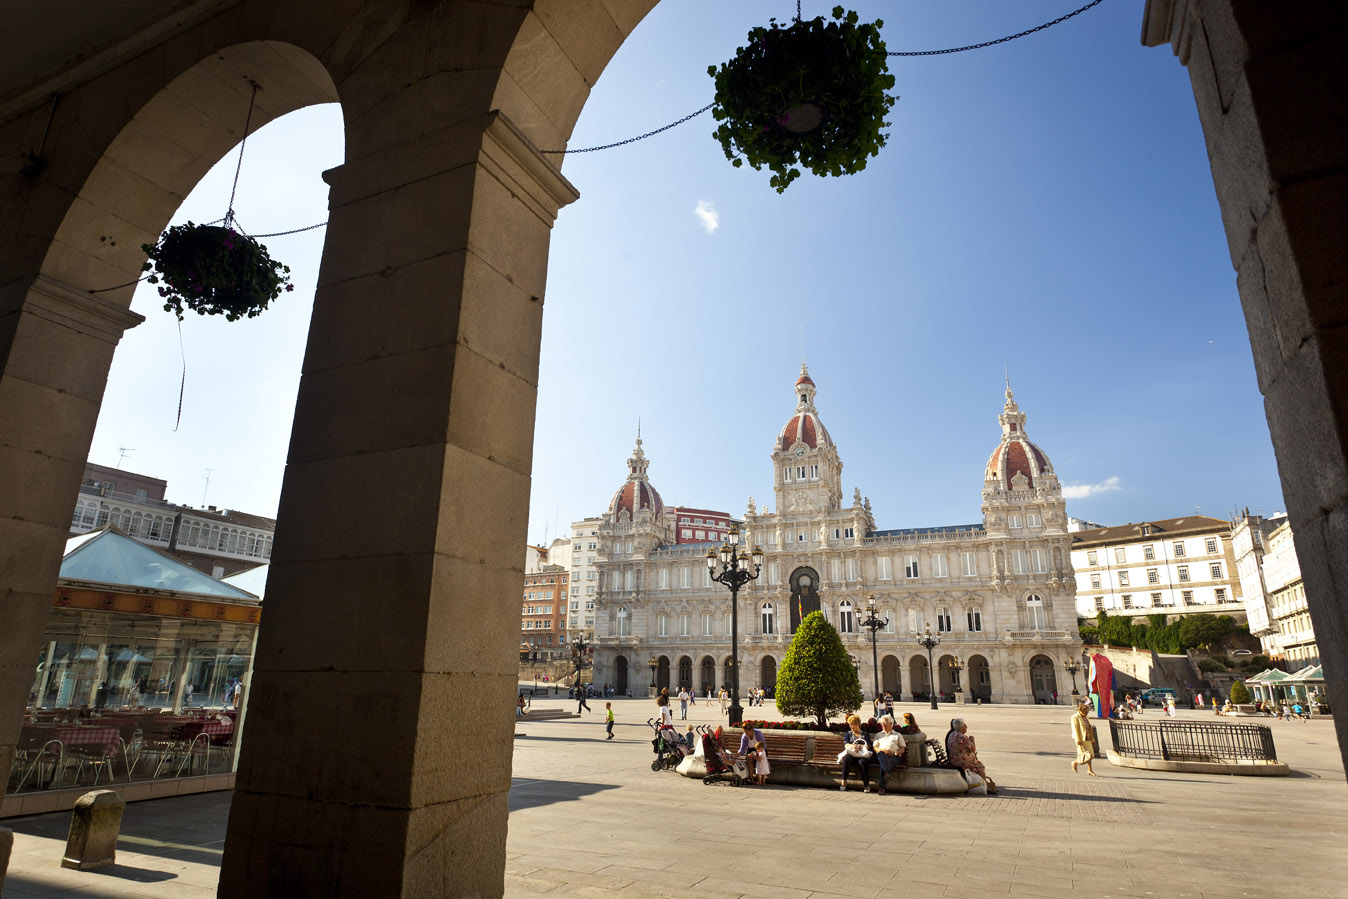 La Coruña; A Coruña. Plaza de María Pita - AyuntamientoLa Co